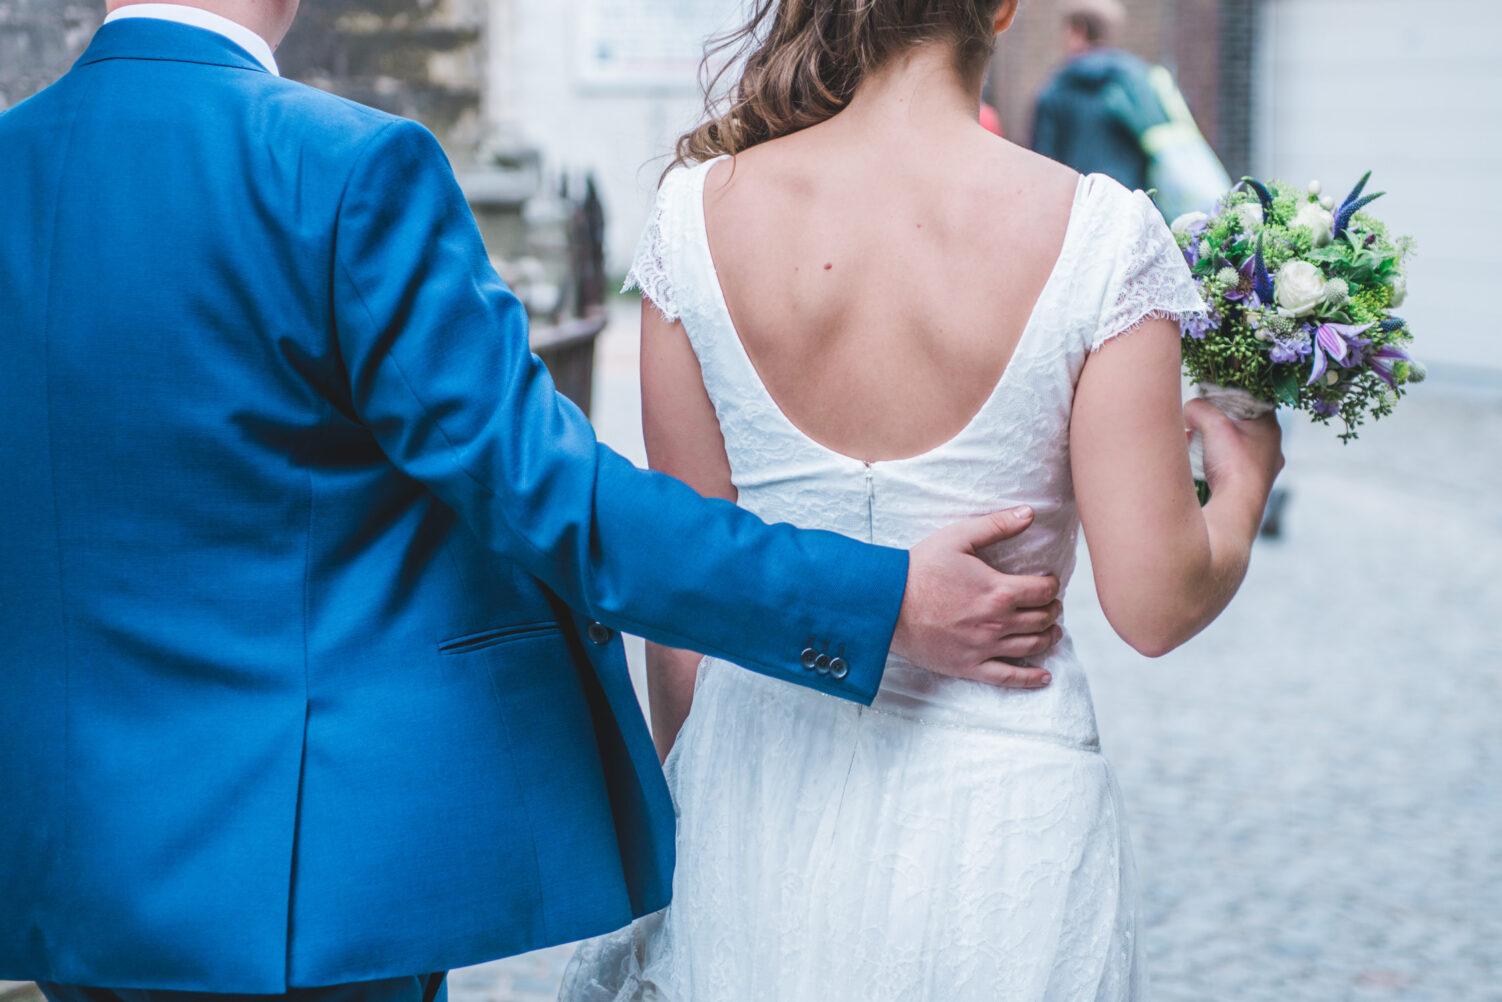 Wedding photography in Mechelen in Belgium